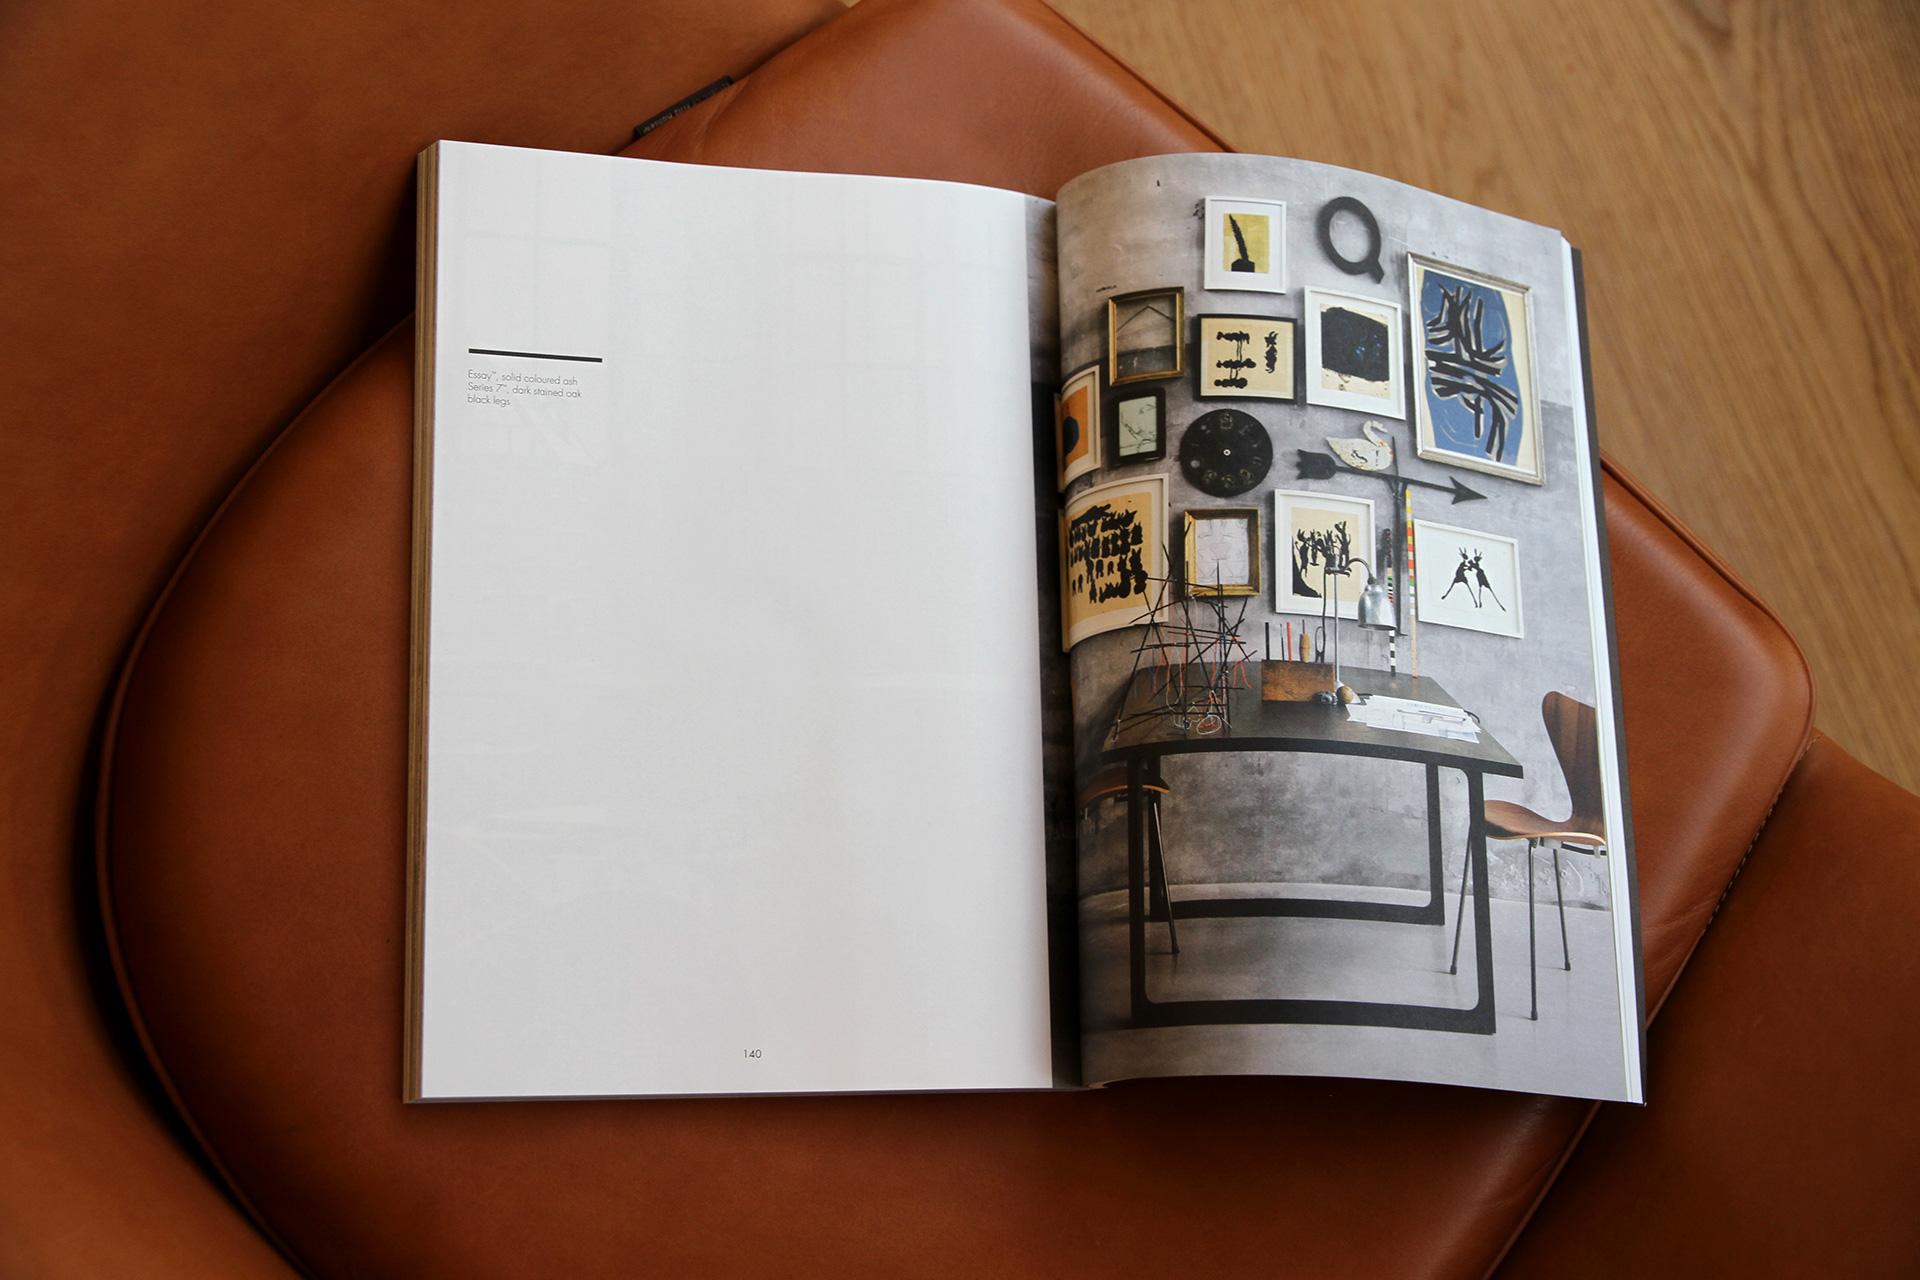 fritz-hansen-catalogue-spread-06